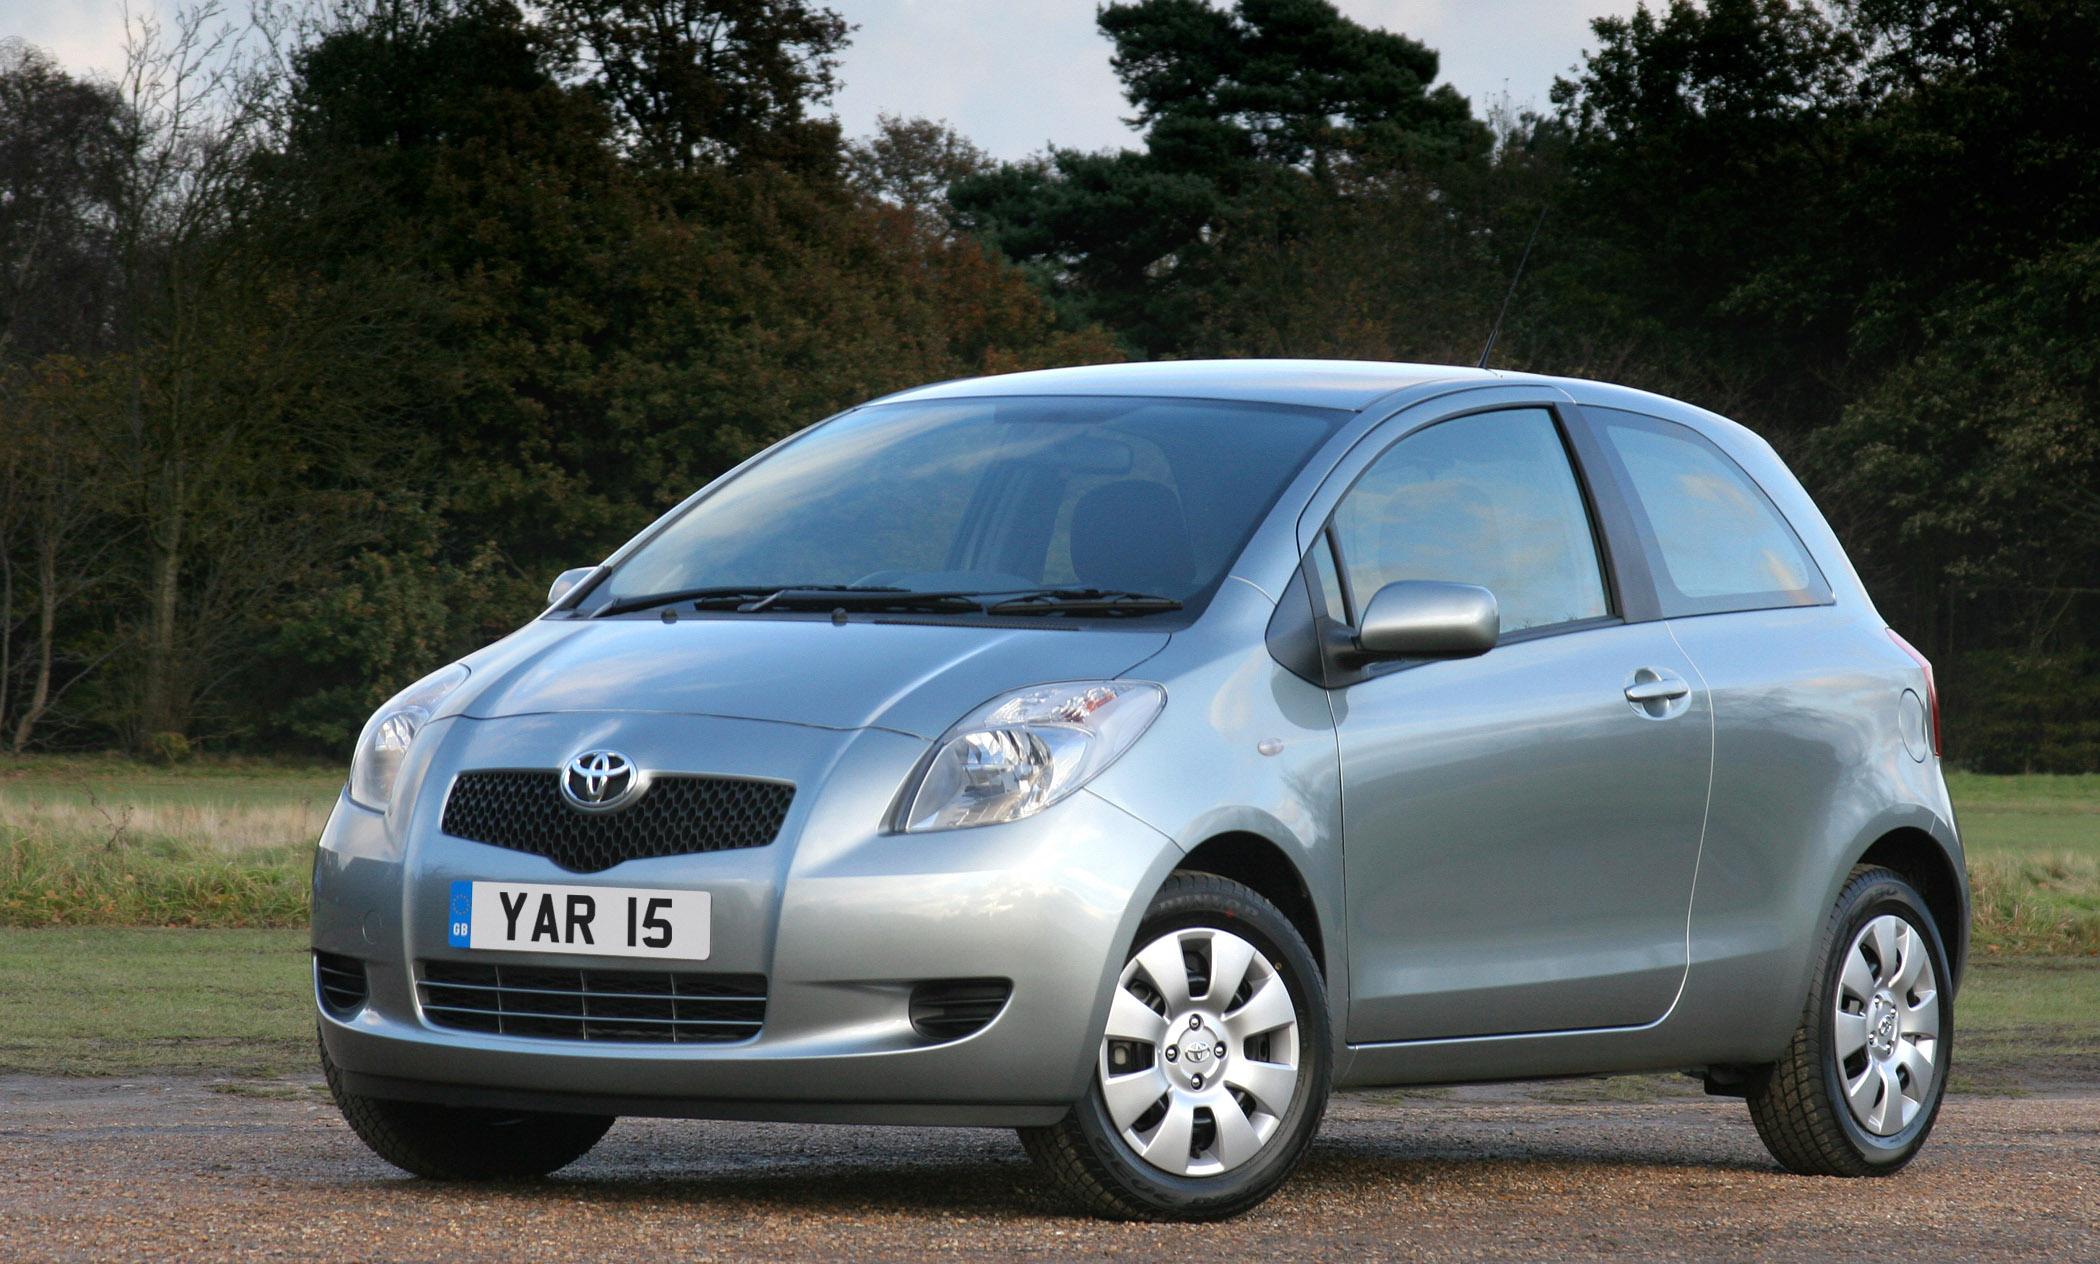 Kekurangan Toyota Yaris 2005 Perbandingan Harga